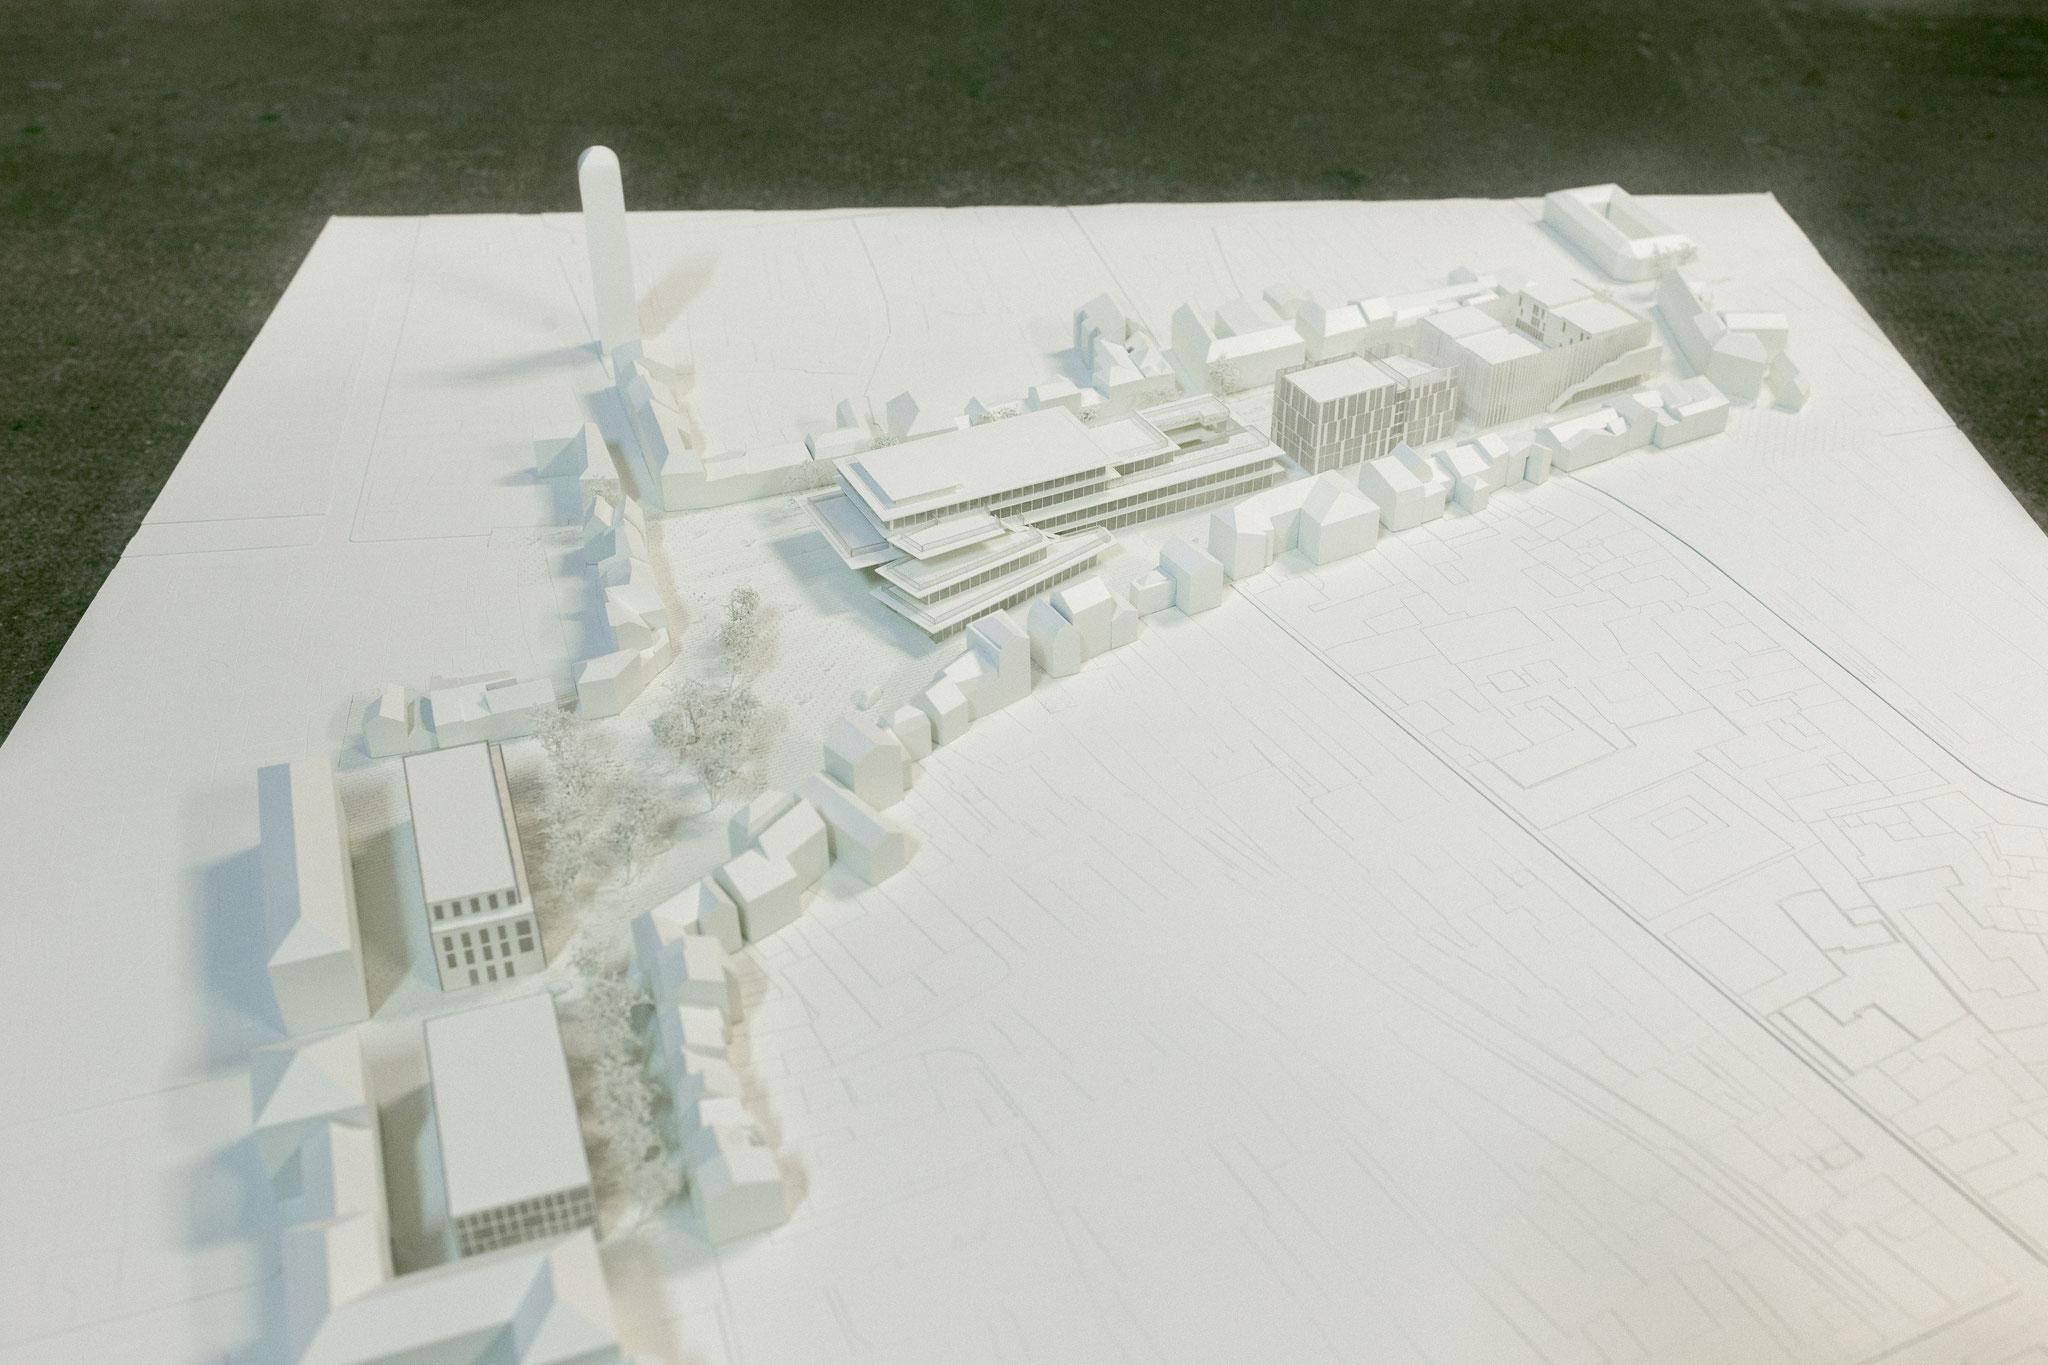 Architecte: Alain Gourdon Architectes